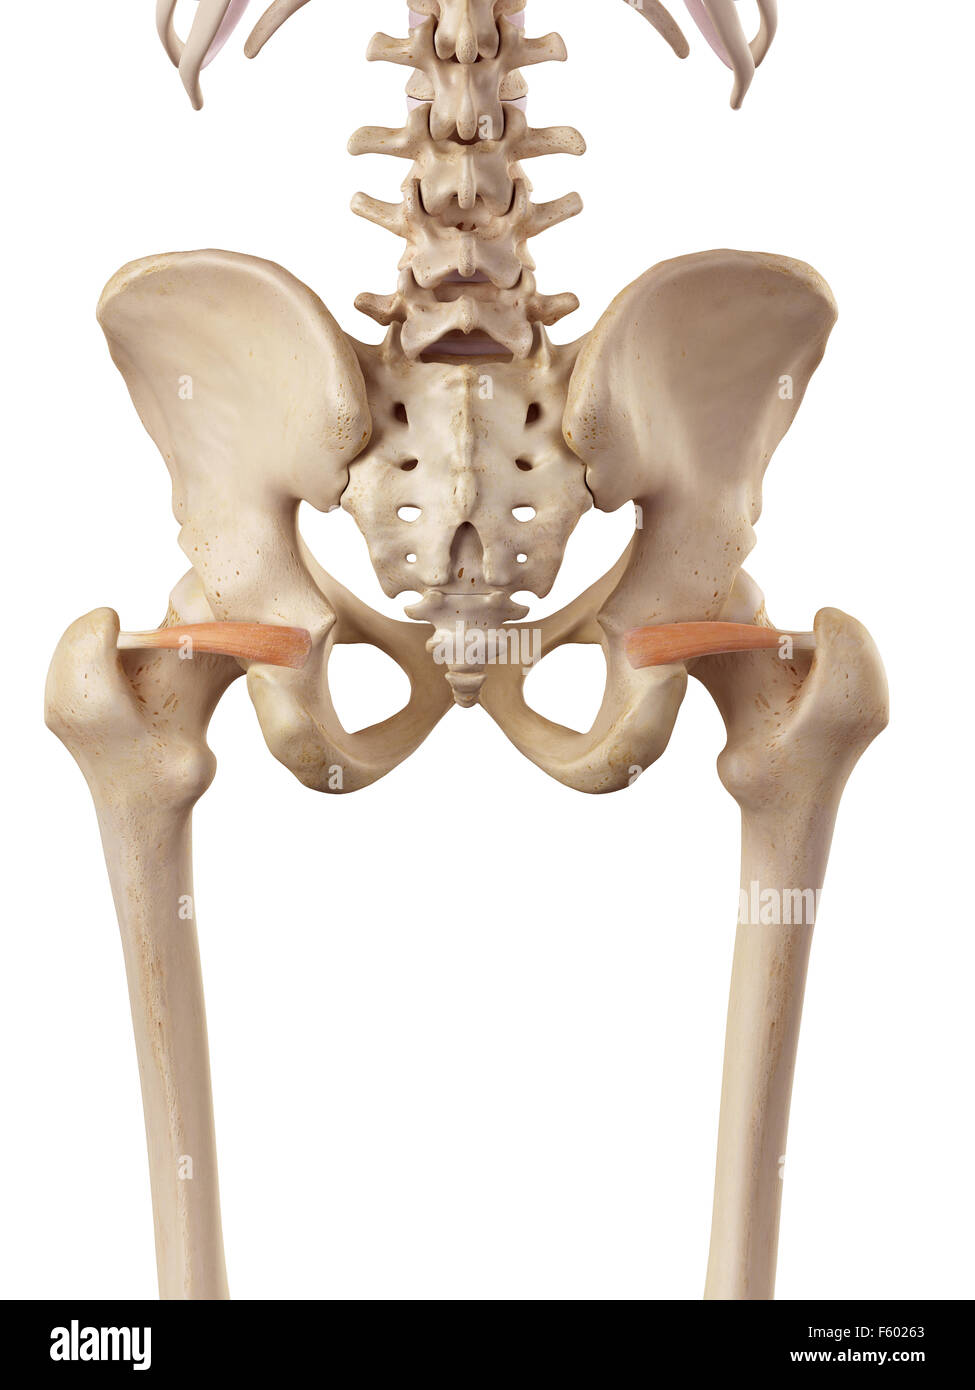 Ilustración de la precisión médica gemellus superior Foto de stock